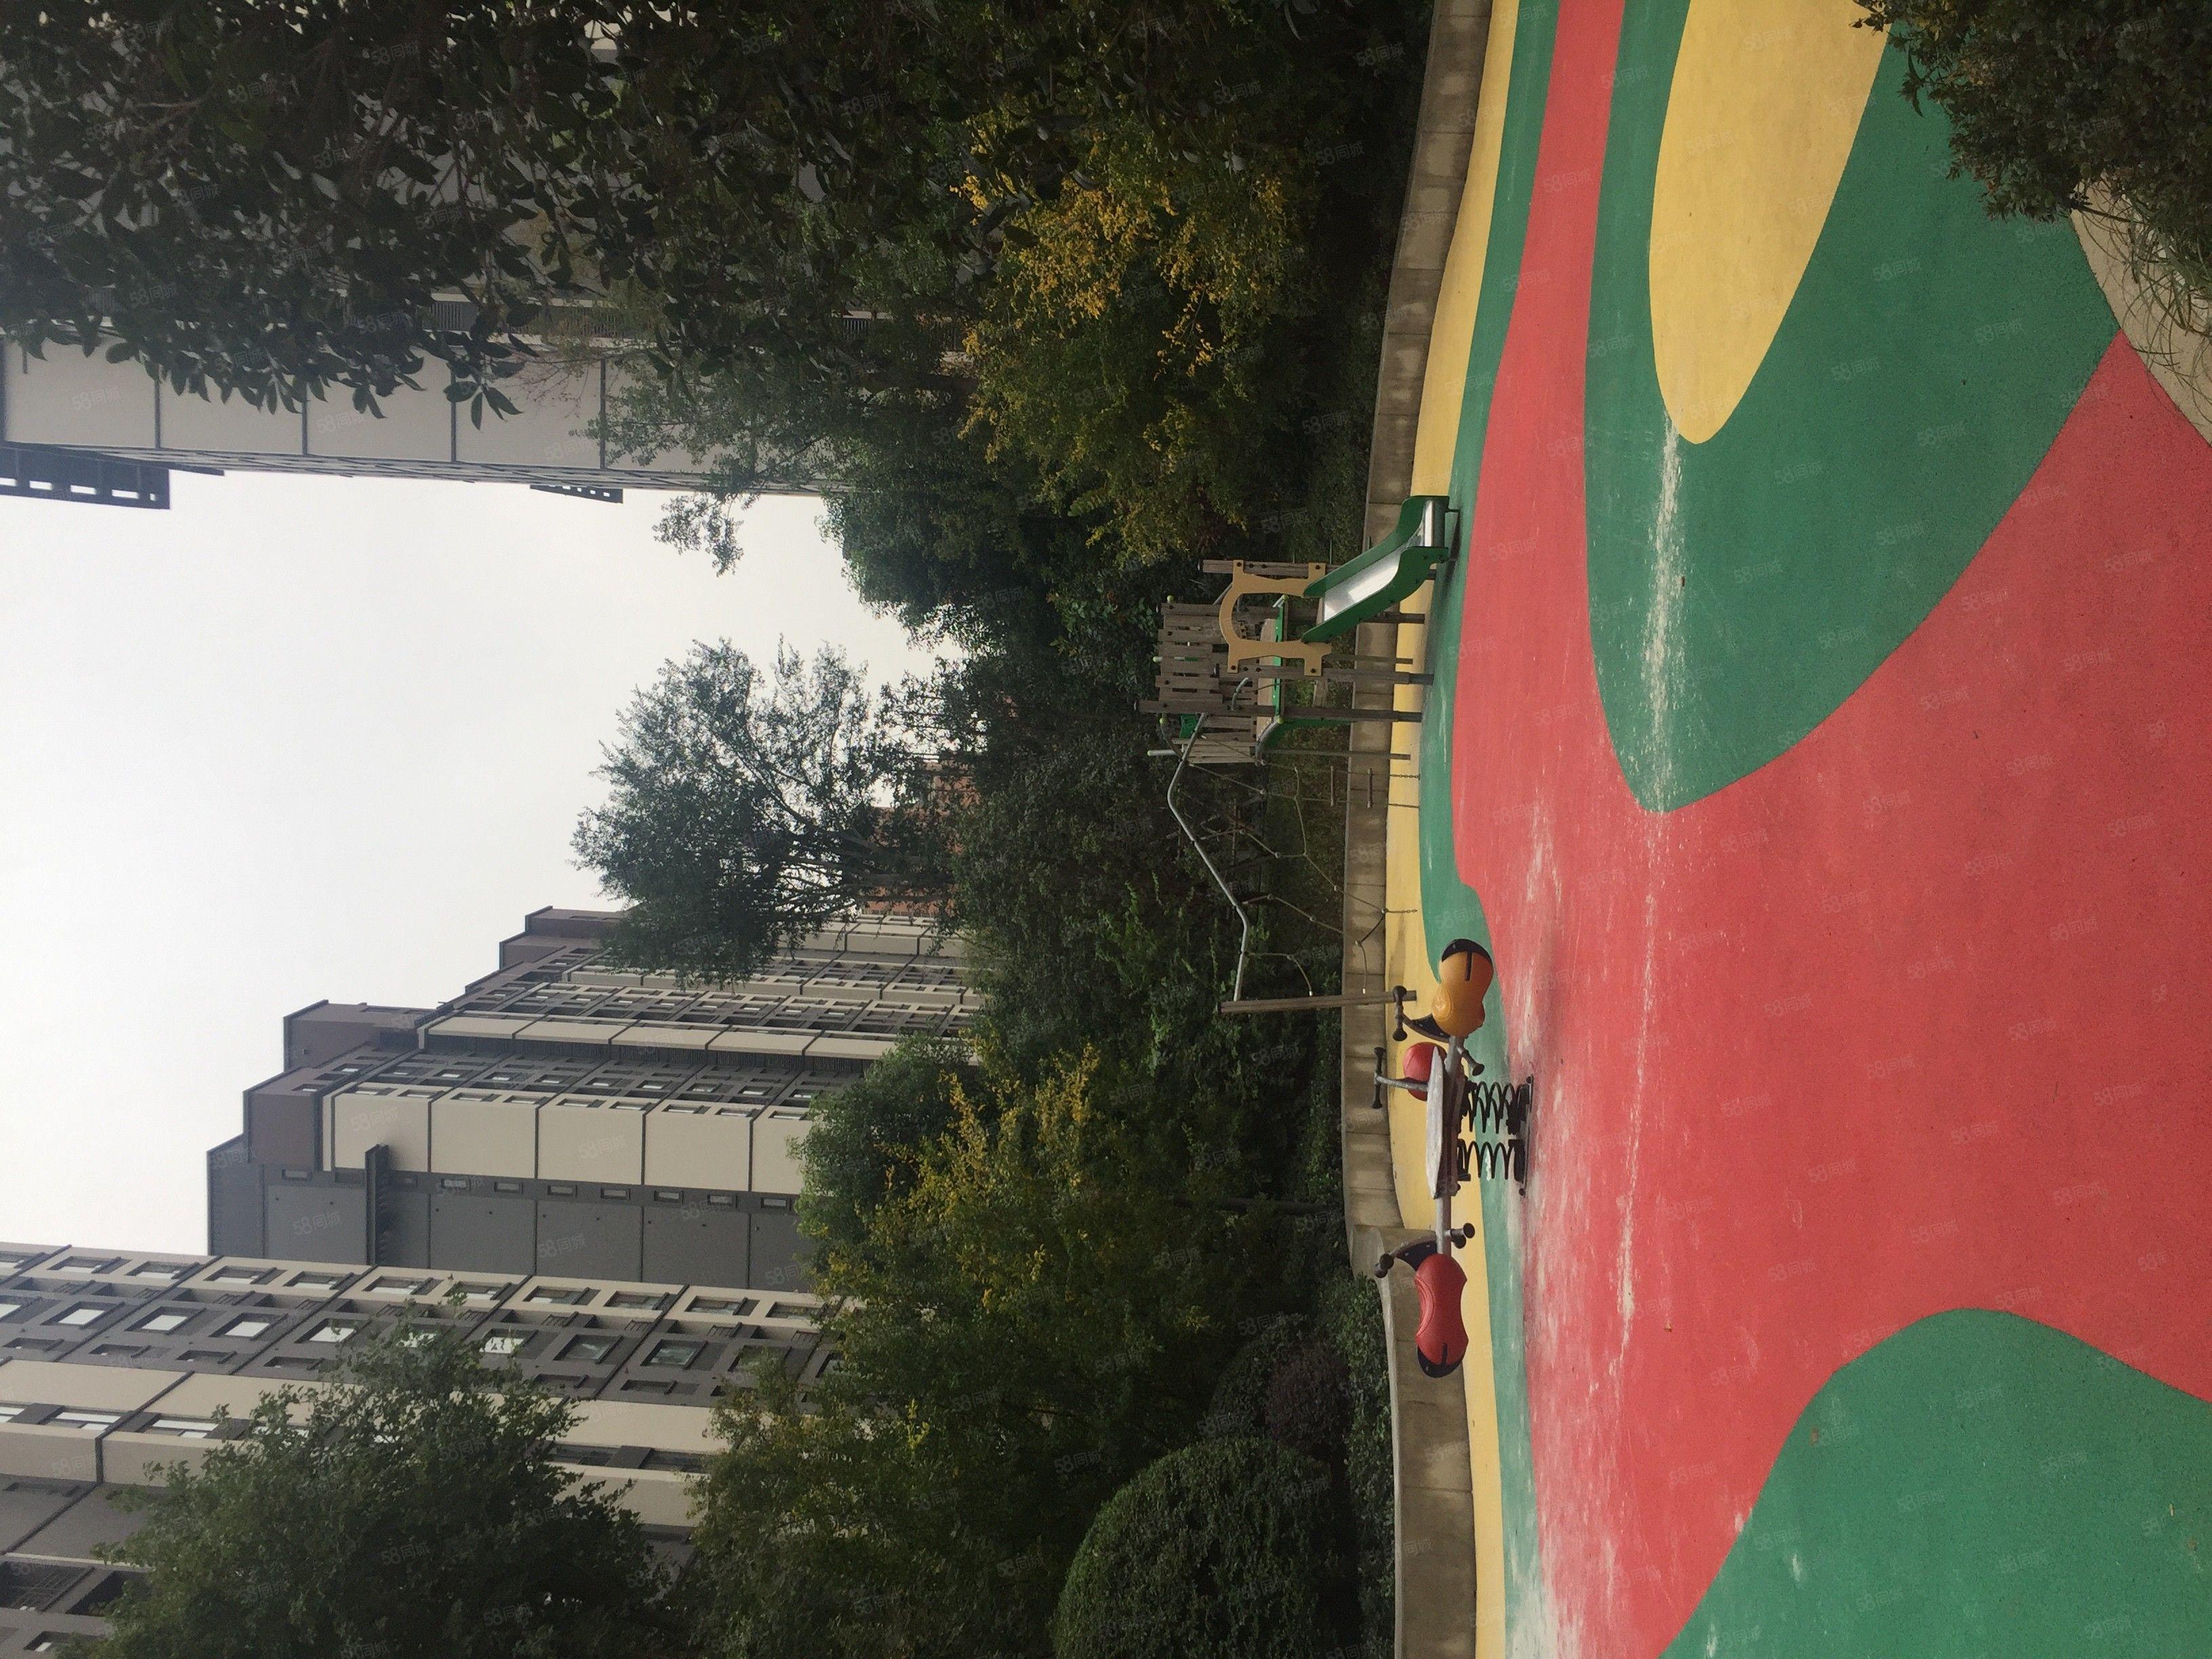 郑港四街永威南樾豪华装修两室两厅一卫